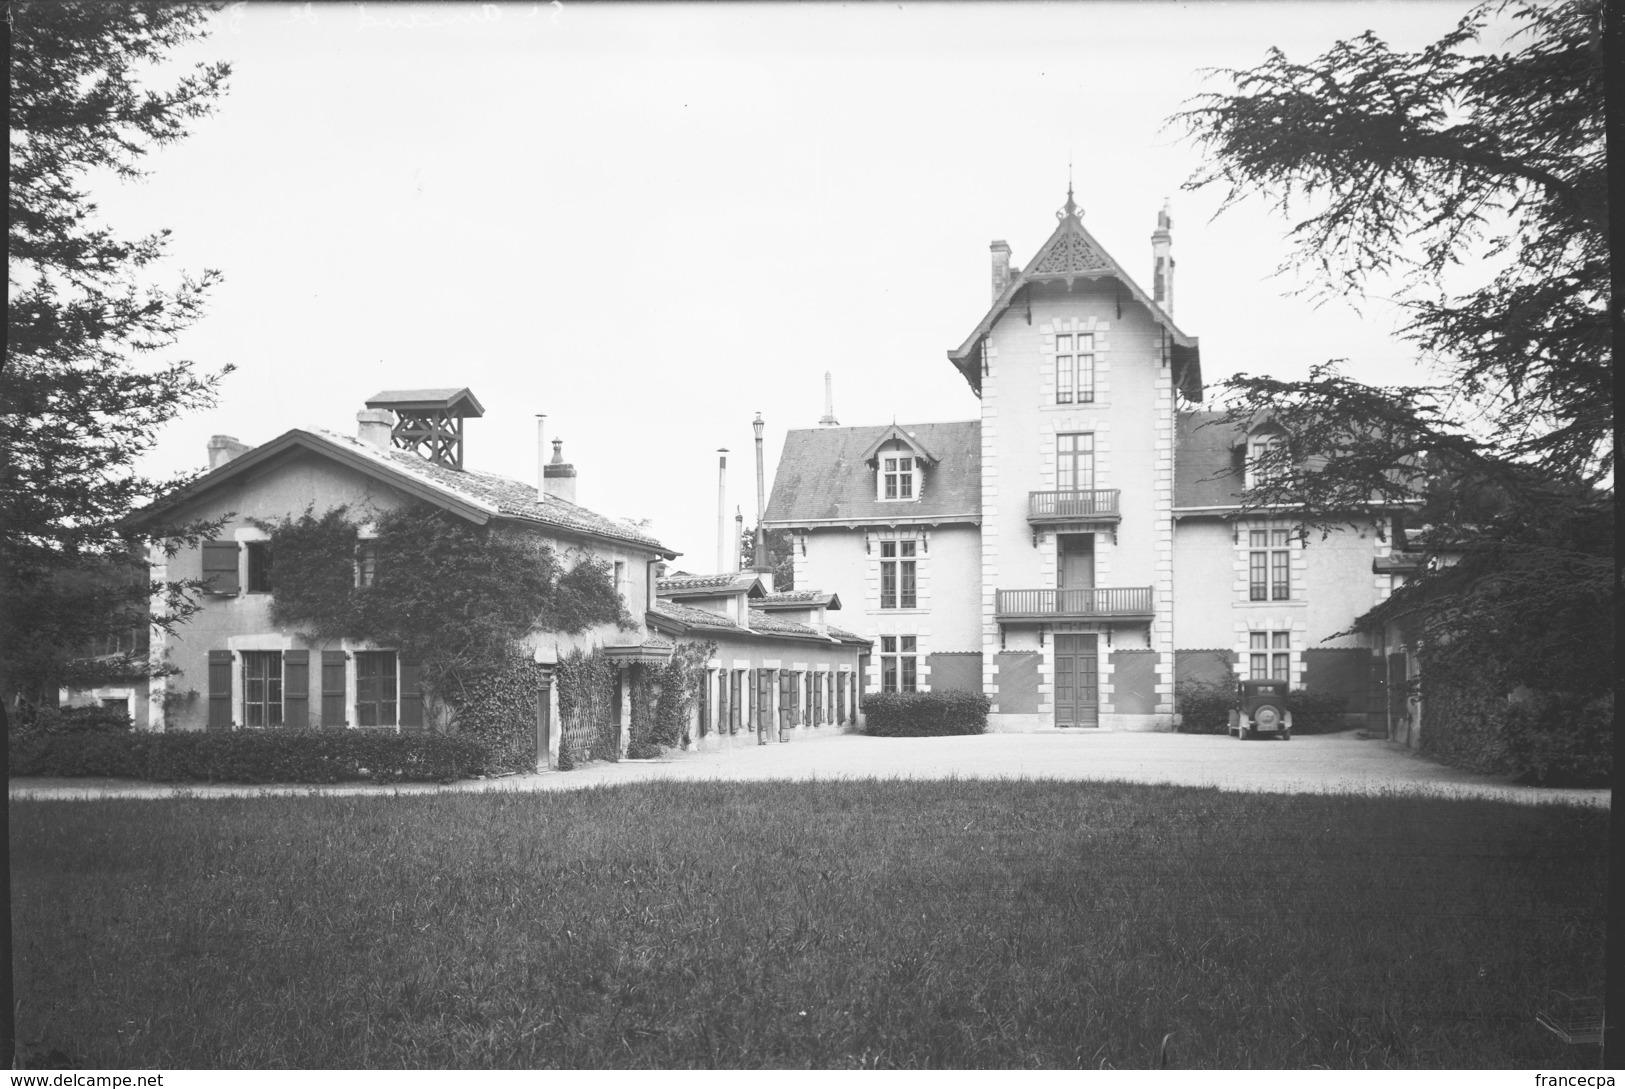 PN - 182 - CHARENTE - 16 - SAINT AMANT DE BOIXE - Chalet - Plaques De Verre